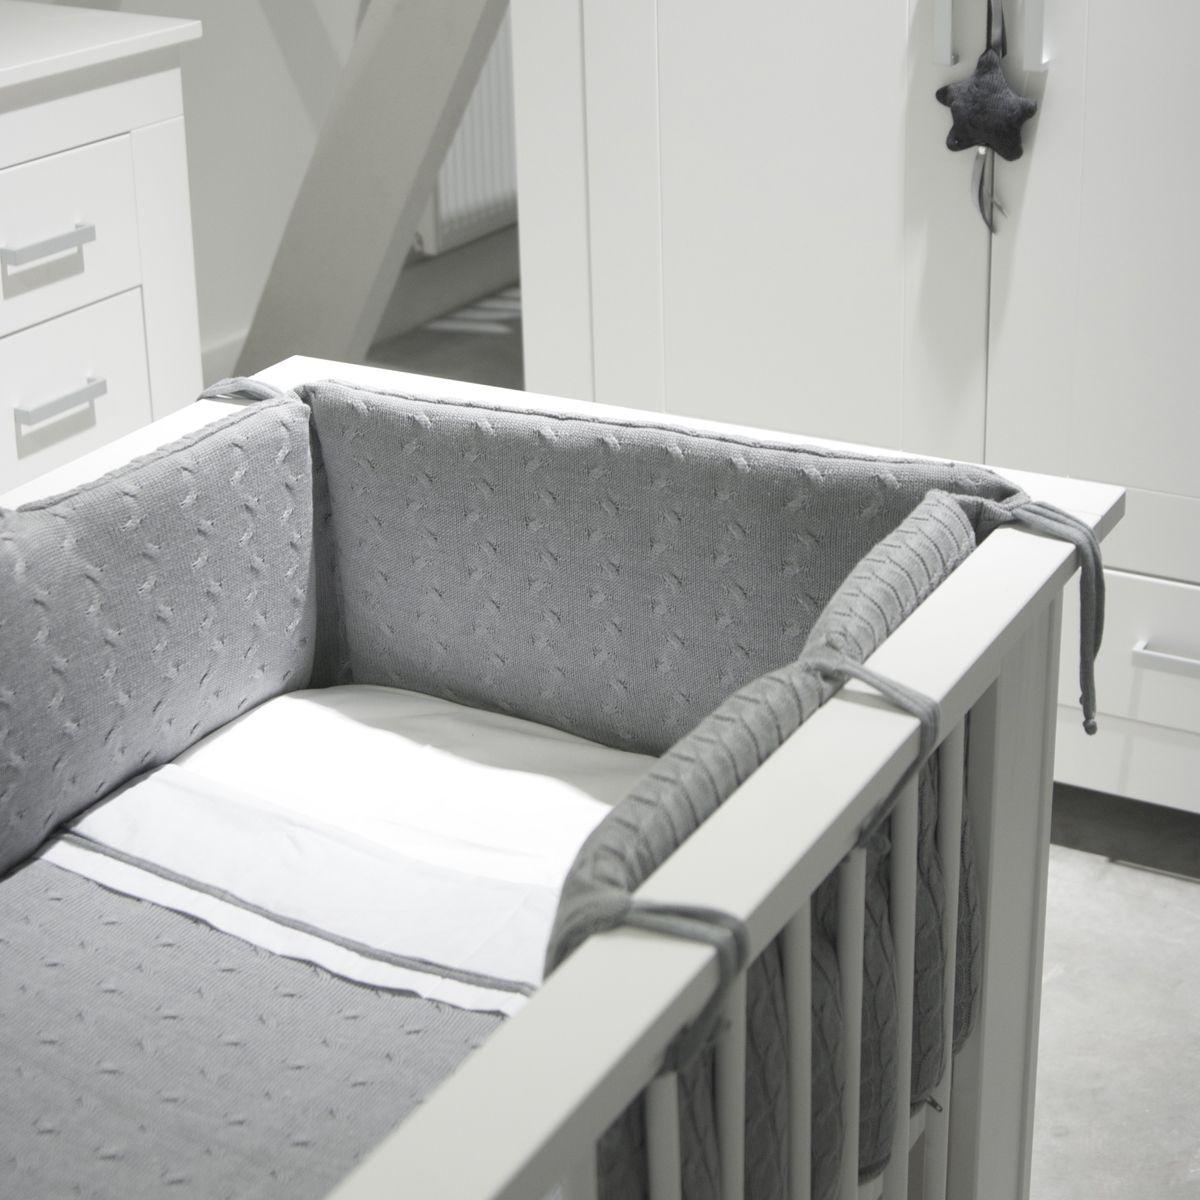 strick babybett nestchen 'zopf uni' grau | shops und oder - Nestchen Babybett Motiven Stoffen Ideen